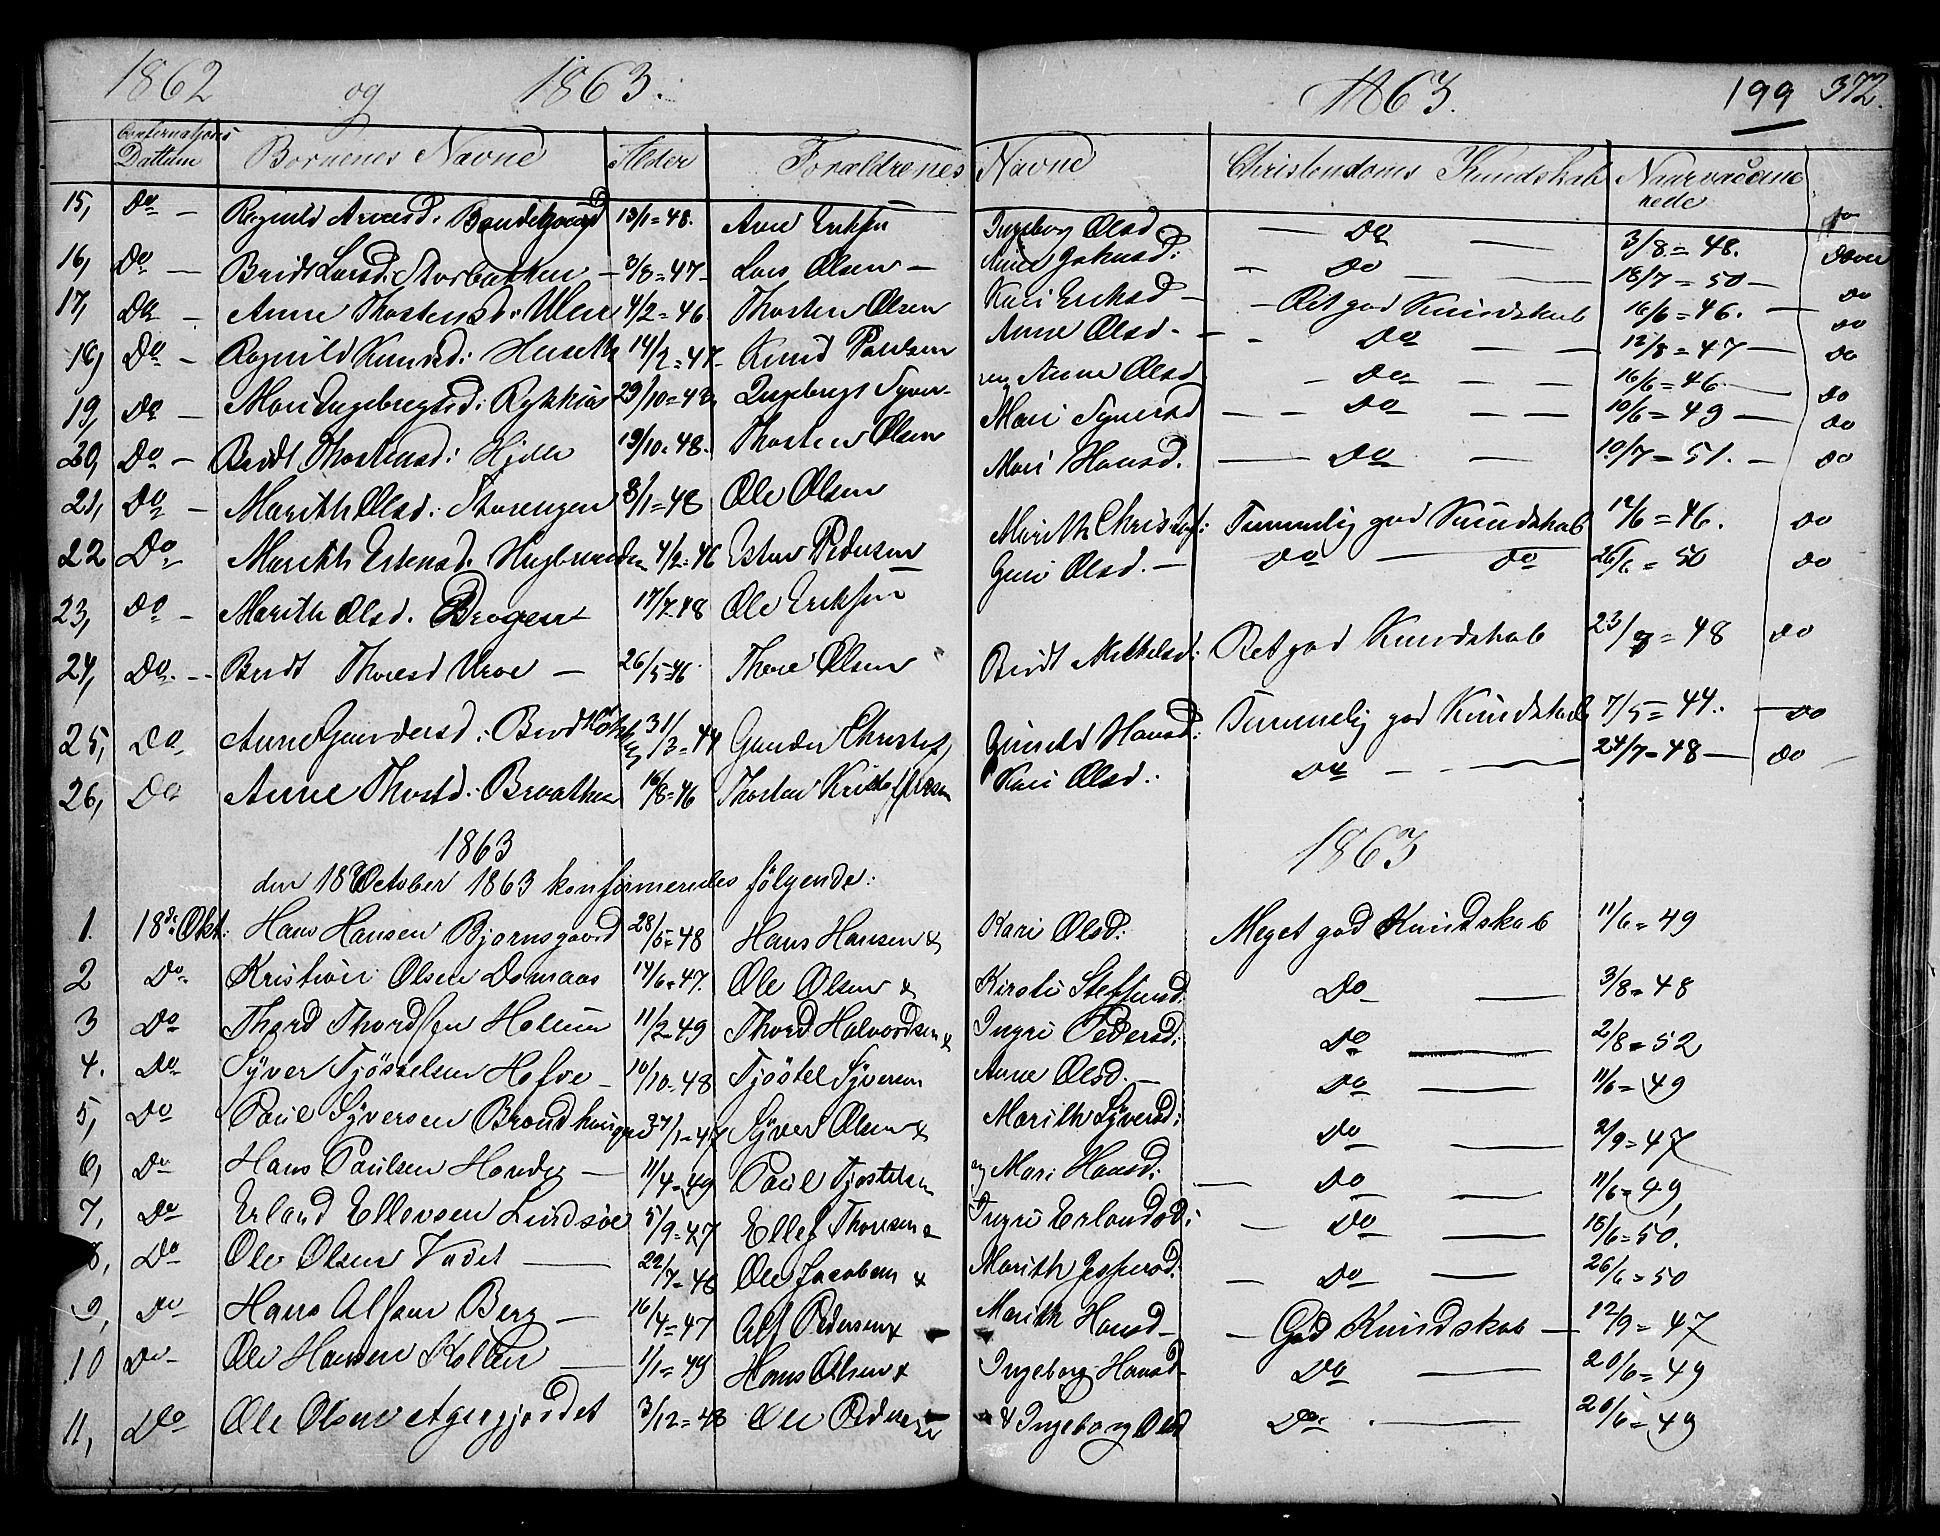 SAH, Dovre prestekontor, Klokkerbok nr. 1, 1862-1880, s. 372